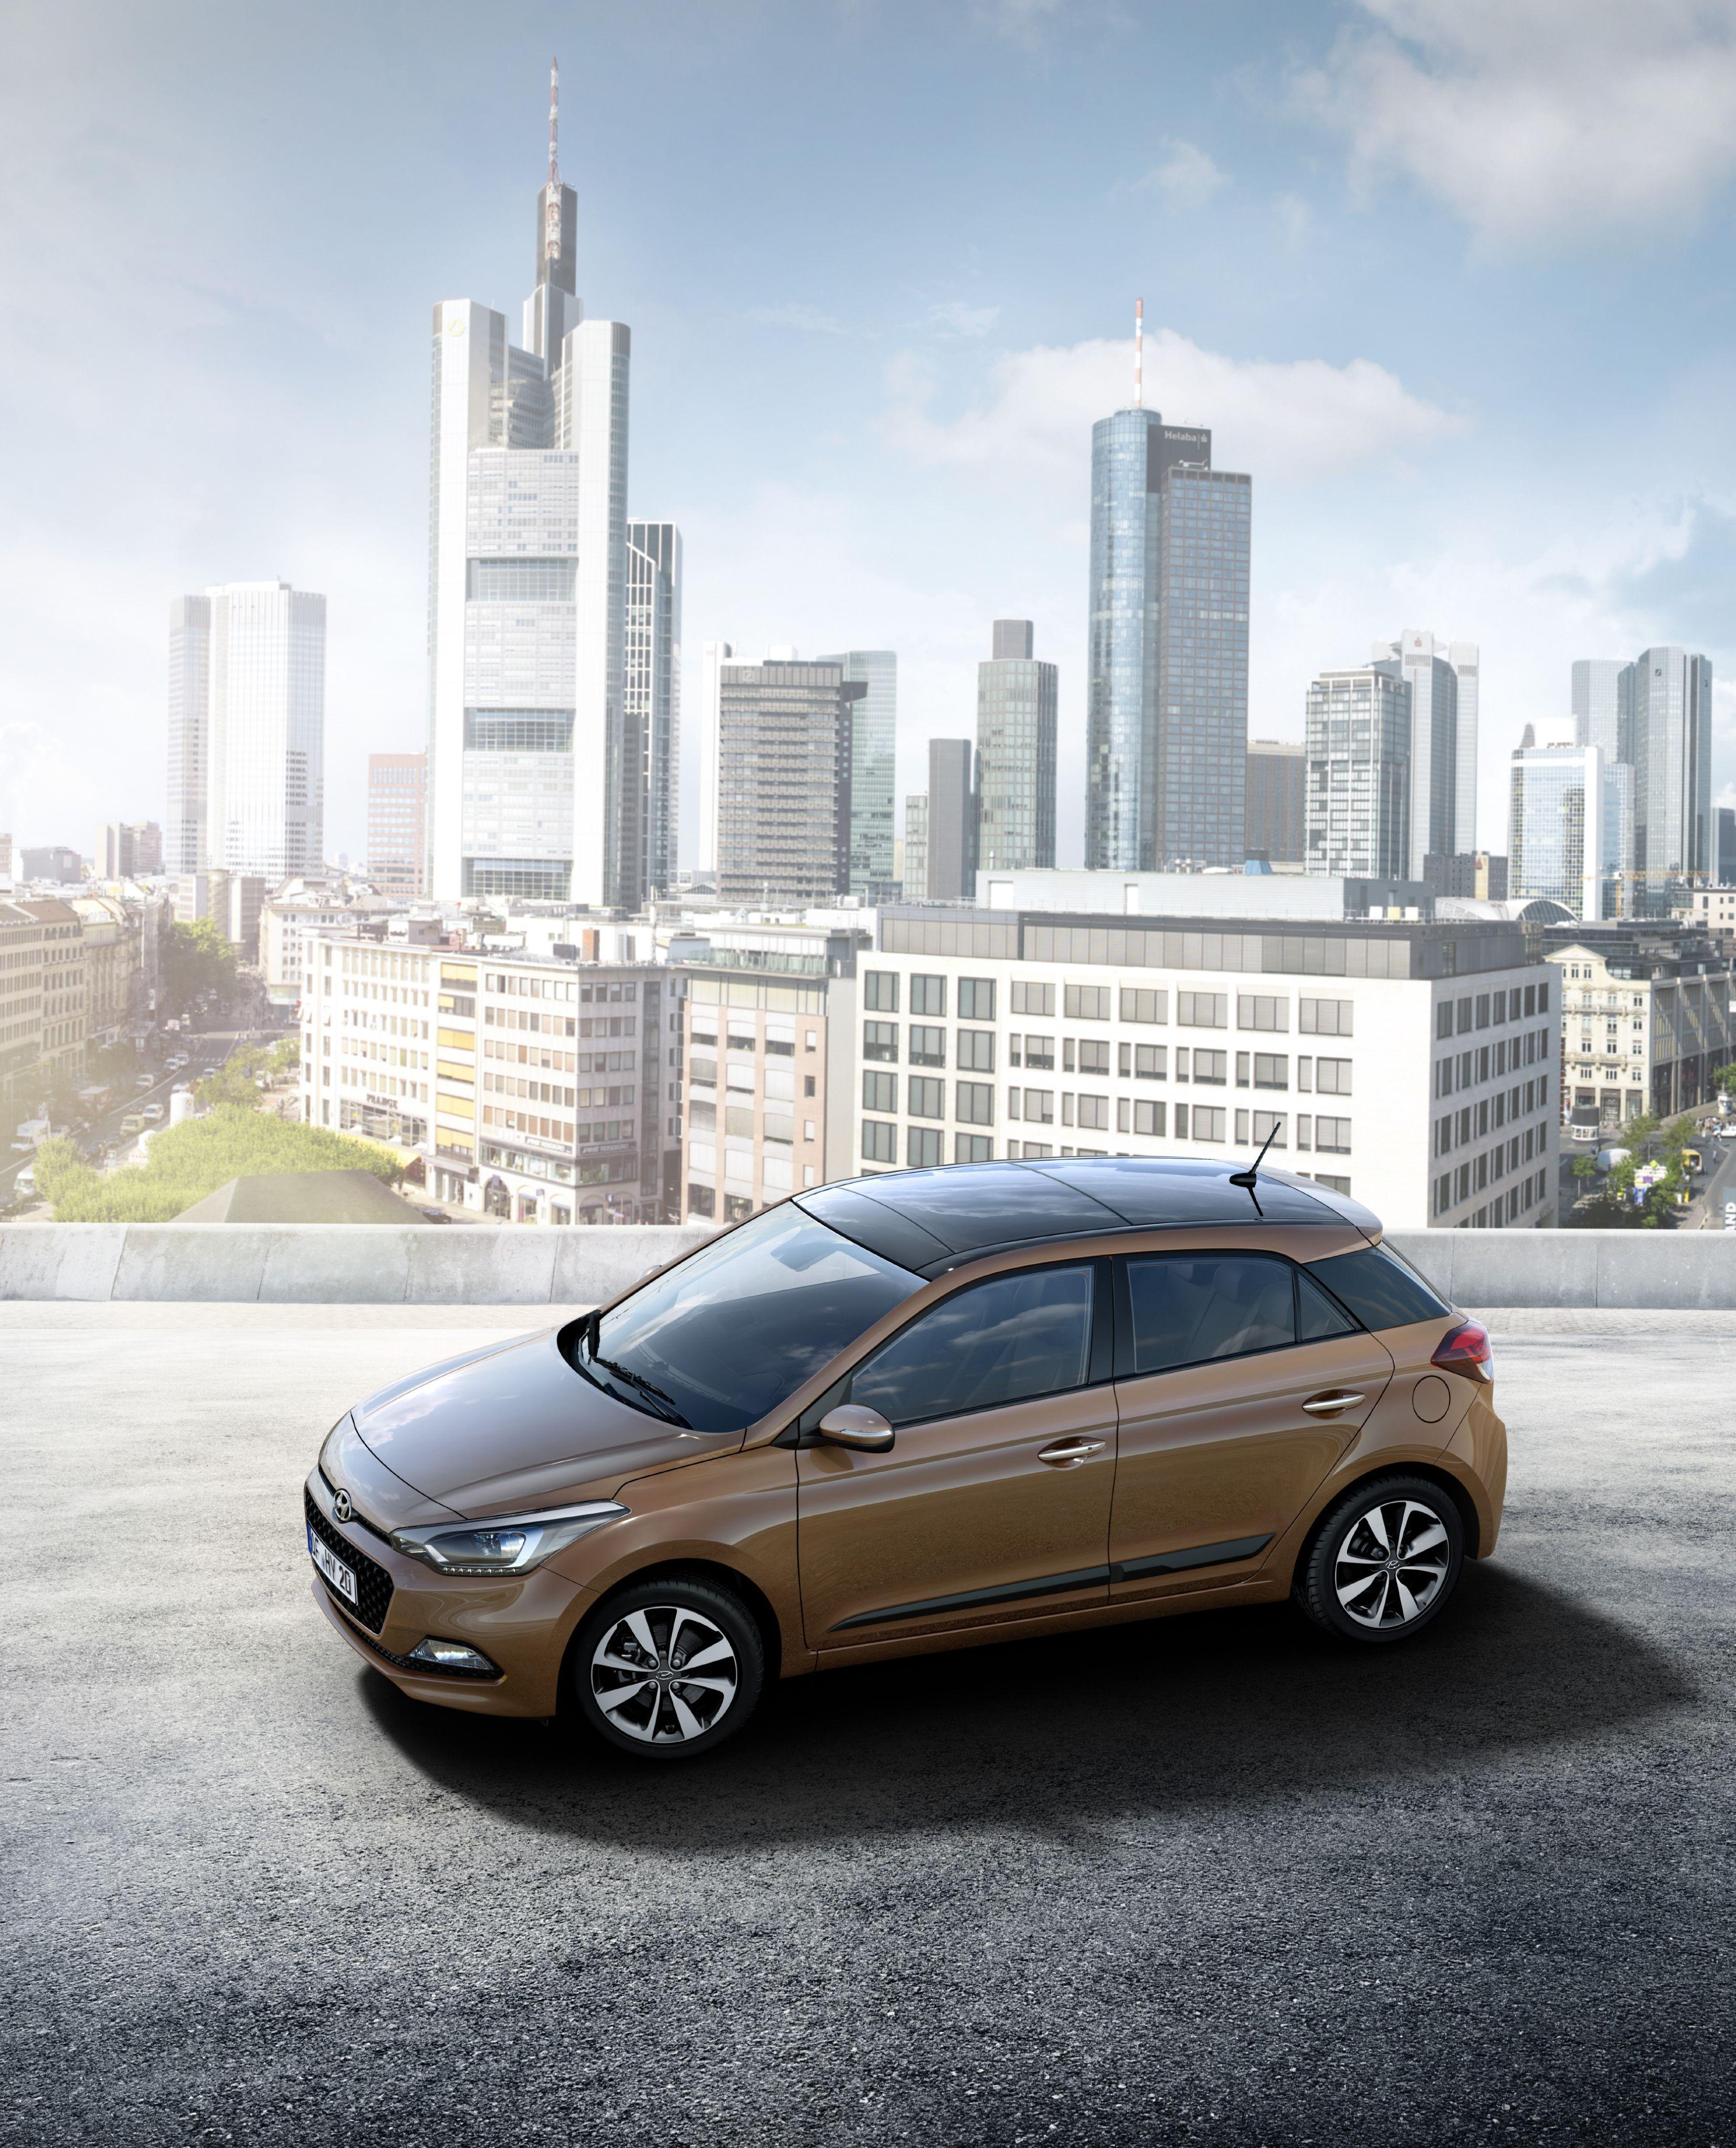 Pierwsze Zdjecia Ujawniaja Spojny Projekt Nowego Modelu I20 Hyundai City Car Car